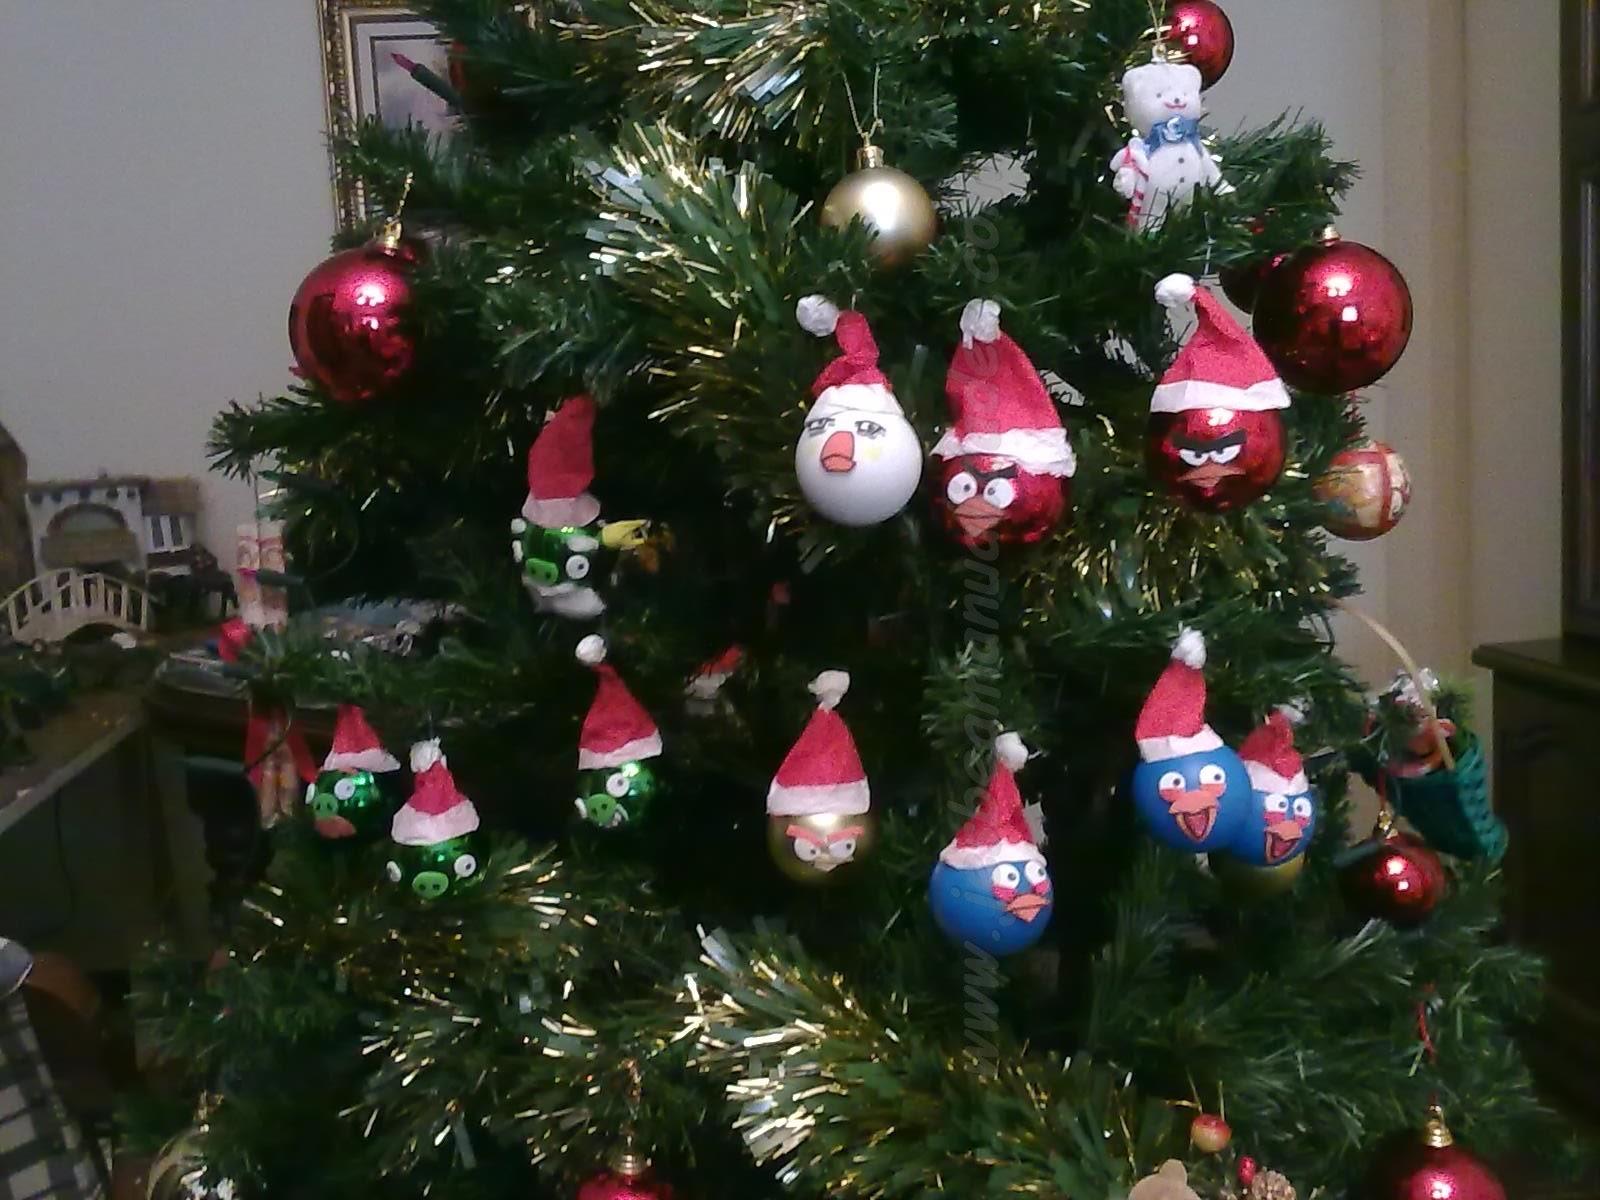 Jesbea manualidades angry birds adornos para rbol de - Adornos para arbol navidad ...